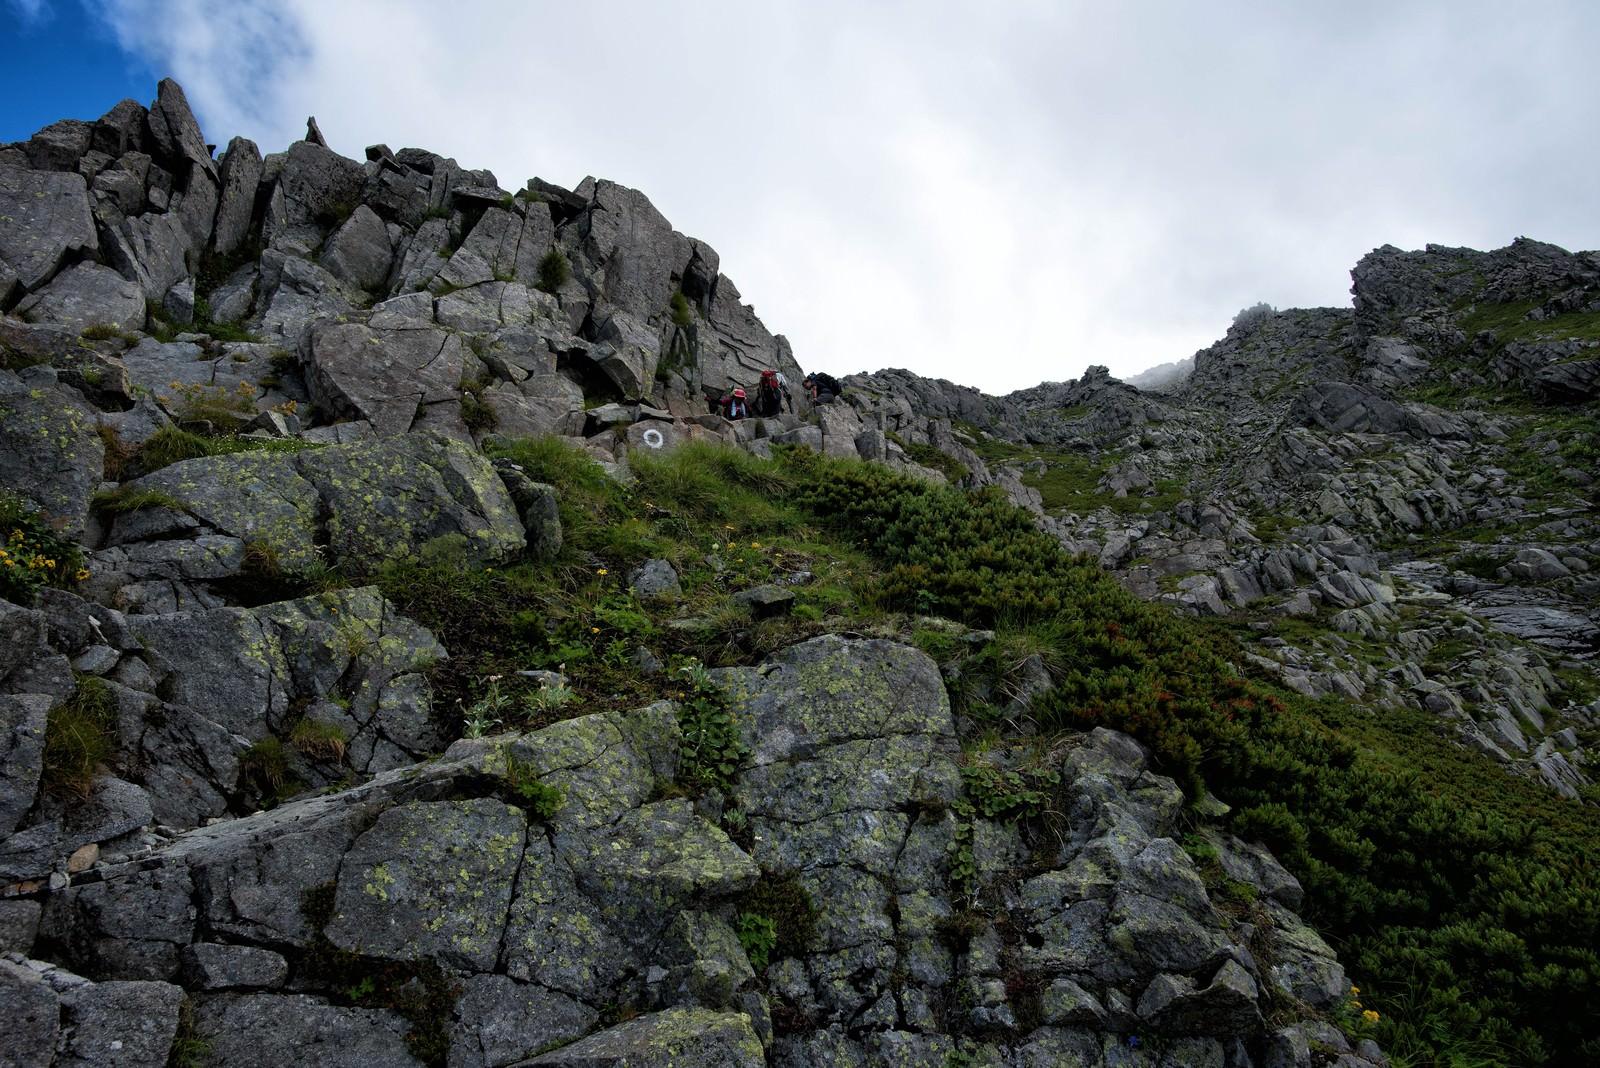 「前穂高岳の山頂直下に聳え立つ岩場 | 写真の無料素材・フリー素材 - ぱくたそ」の写真